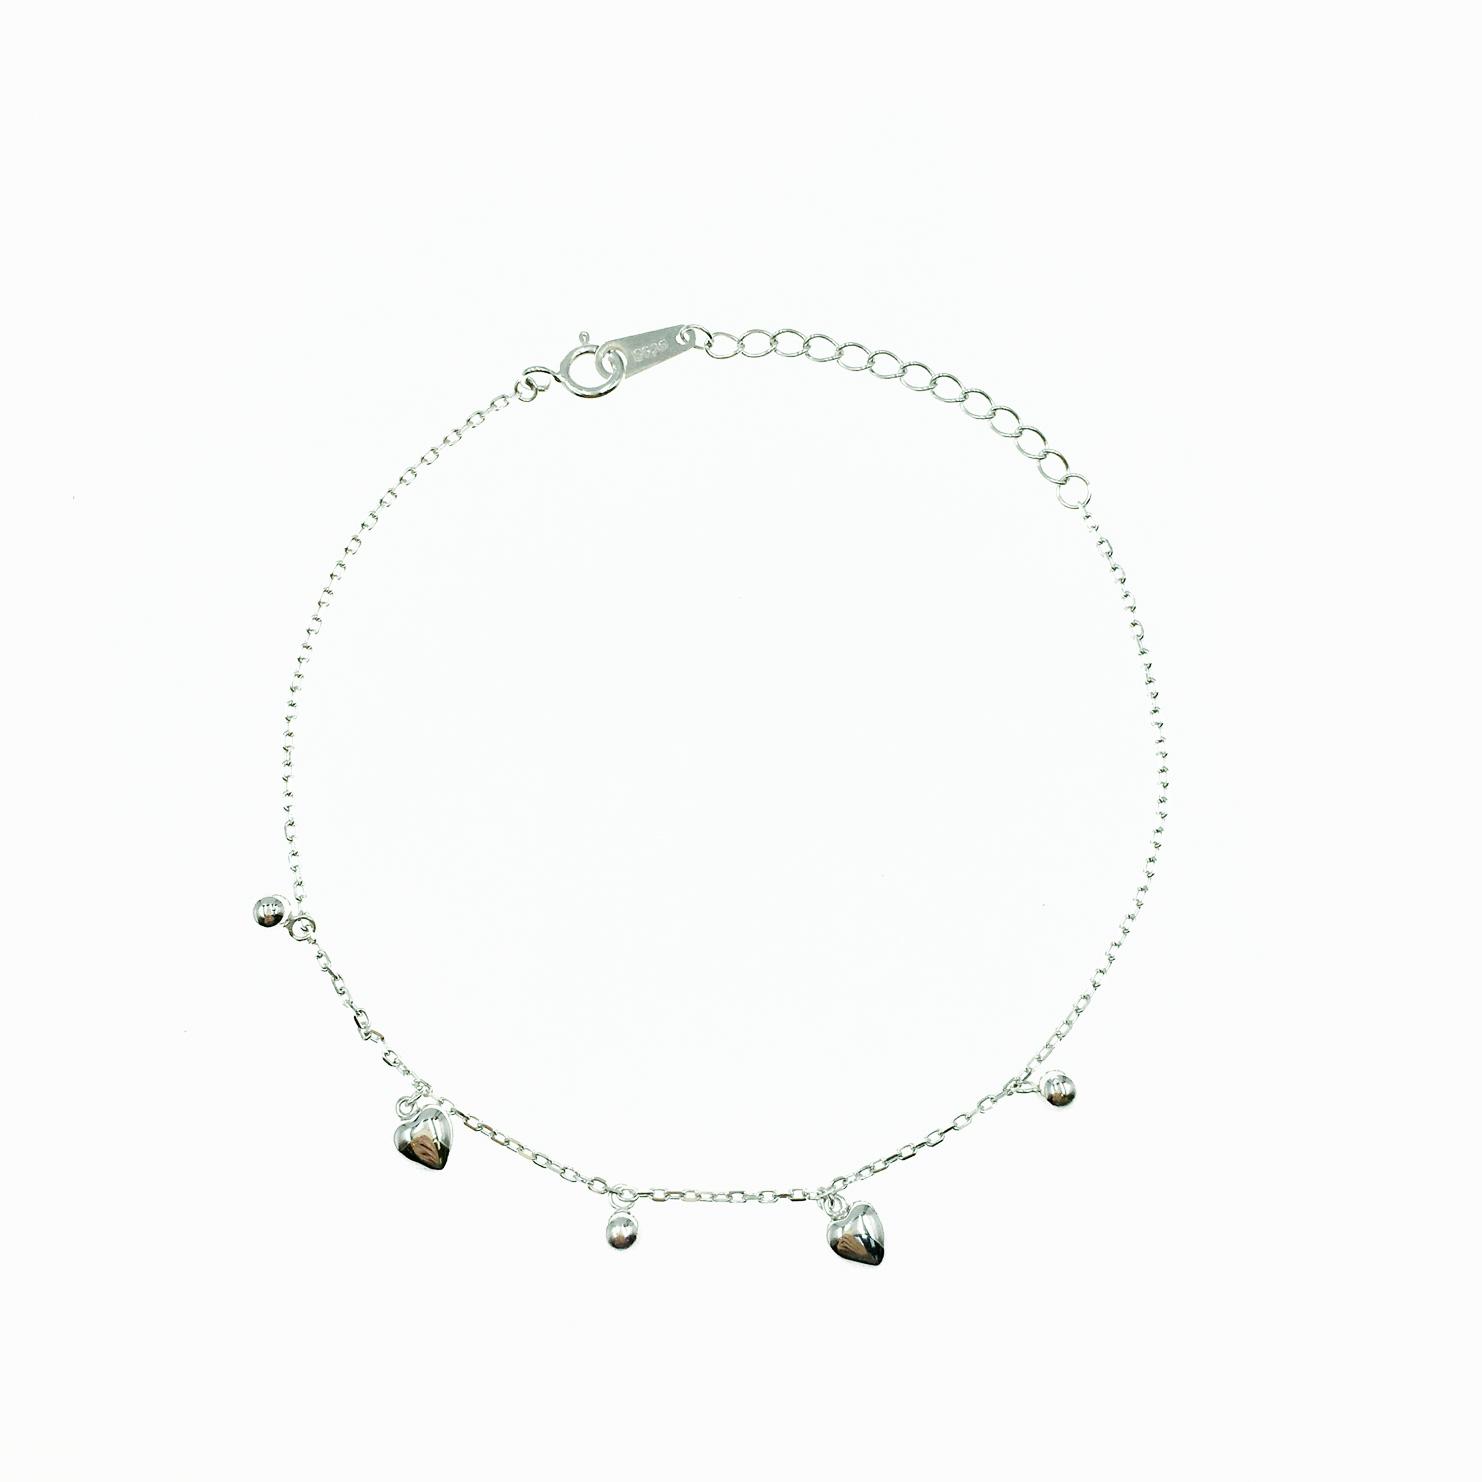 韓國 925純銀 愛心 小銀珠 金屬風 歐美簡約 手飾 手鍊